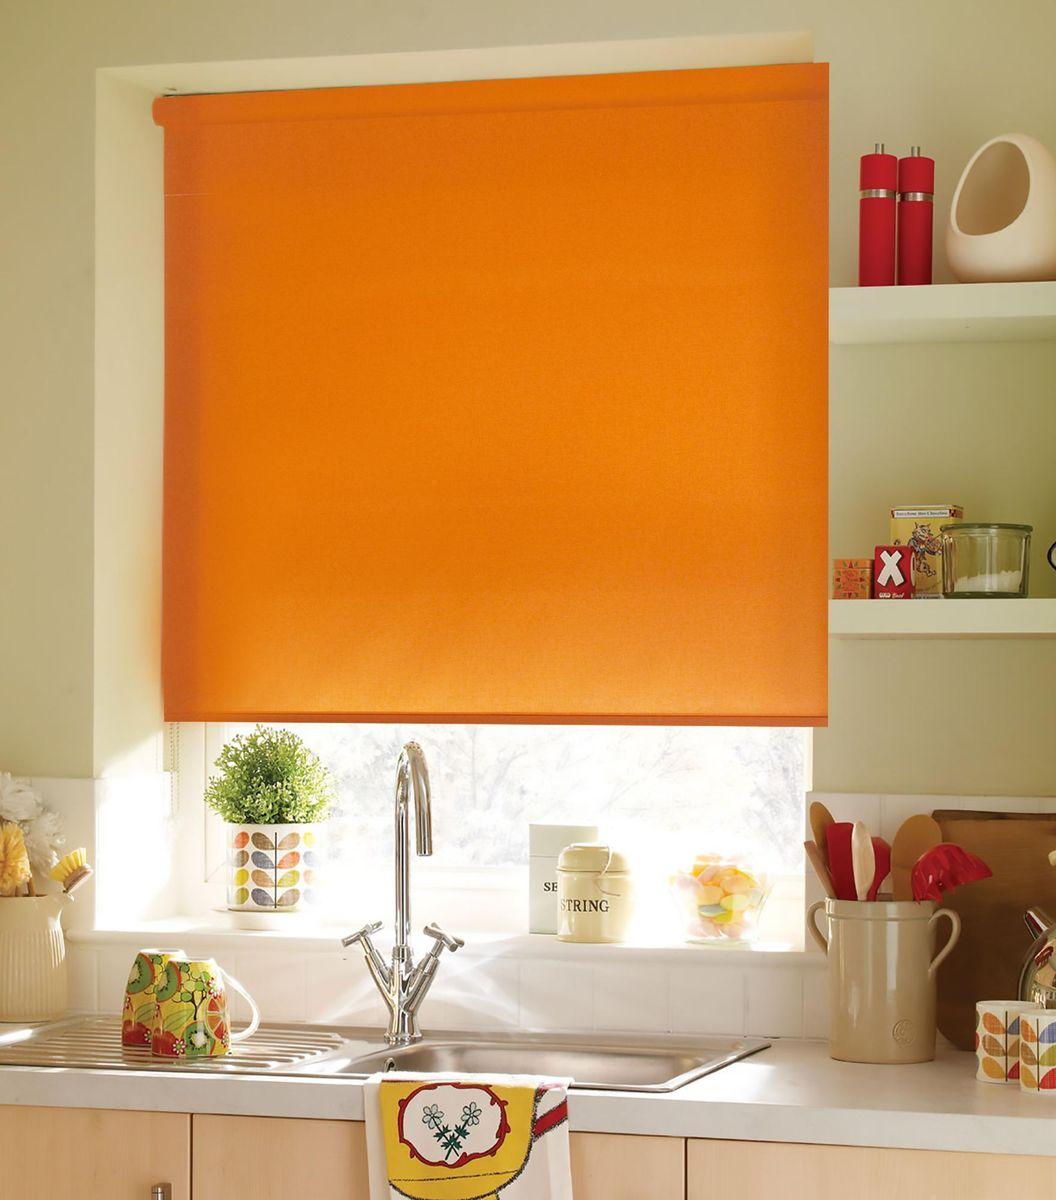 Штора рулонная Эскар, цвет: апельсиновый, ширина 150 см, высота 170 см96515412Рулонными шторами Эскар можно оформлять окна как самостоятельно, так и использовать в комбинации с портьерами. Это поможет предотвратить выгорание дорогой ткани на солнце и соединит функционал рулонных с красотой навесных. Преимущества применения рулонных штор для пластиковых окон: - имеют прекрасный внешний вид: многообразие и фактурность материала изделия отлично смотрятся в любом интерьере;- многофункциональны: есть возможность подобрать шторы способные эффективно защитить комнату от солнца, при этом она не будет слишком темной. - Есть возможность осуществить быстрый монтаж.ВНИМАНИЕ! Размеры ширины изделия указаны по ширине ткани! Во время эксплуатации не рекомендуется полностью разматывать рулон, чтобы не оторвать ткань от намоточного вала. В случае загрязнения поверхности ткани, чистку шторы проводят одним из способов, в зависимости от типа загрязнения:легкое поверхностное загрязнение можно удалить при помощи канцелярского ластика;чистка от пыли производится сухим методом при помощи пылесоса с мягкой щеткой-насадкой;для удаления пятна используйте мягкую губку с пенообразующим неагрессивным моющим средством или пятновыводитель на натуральной основе (нельзя применять растворители).